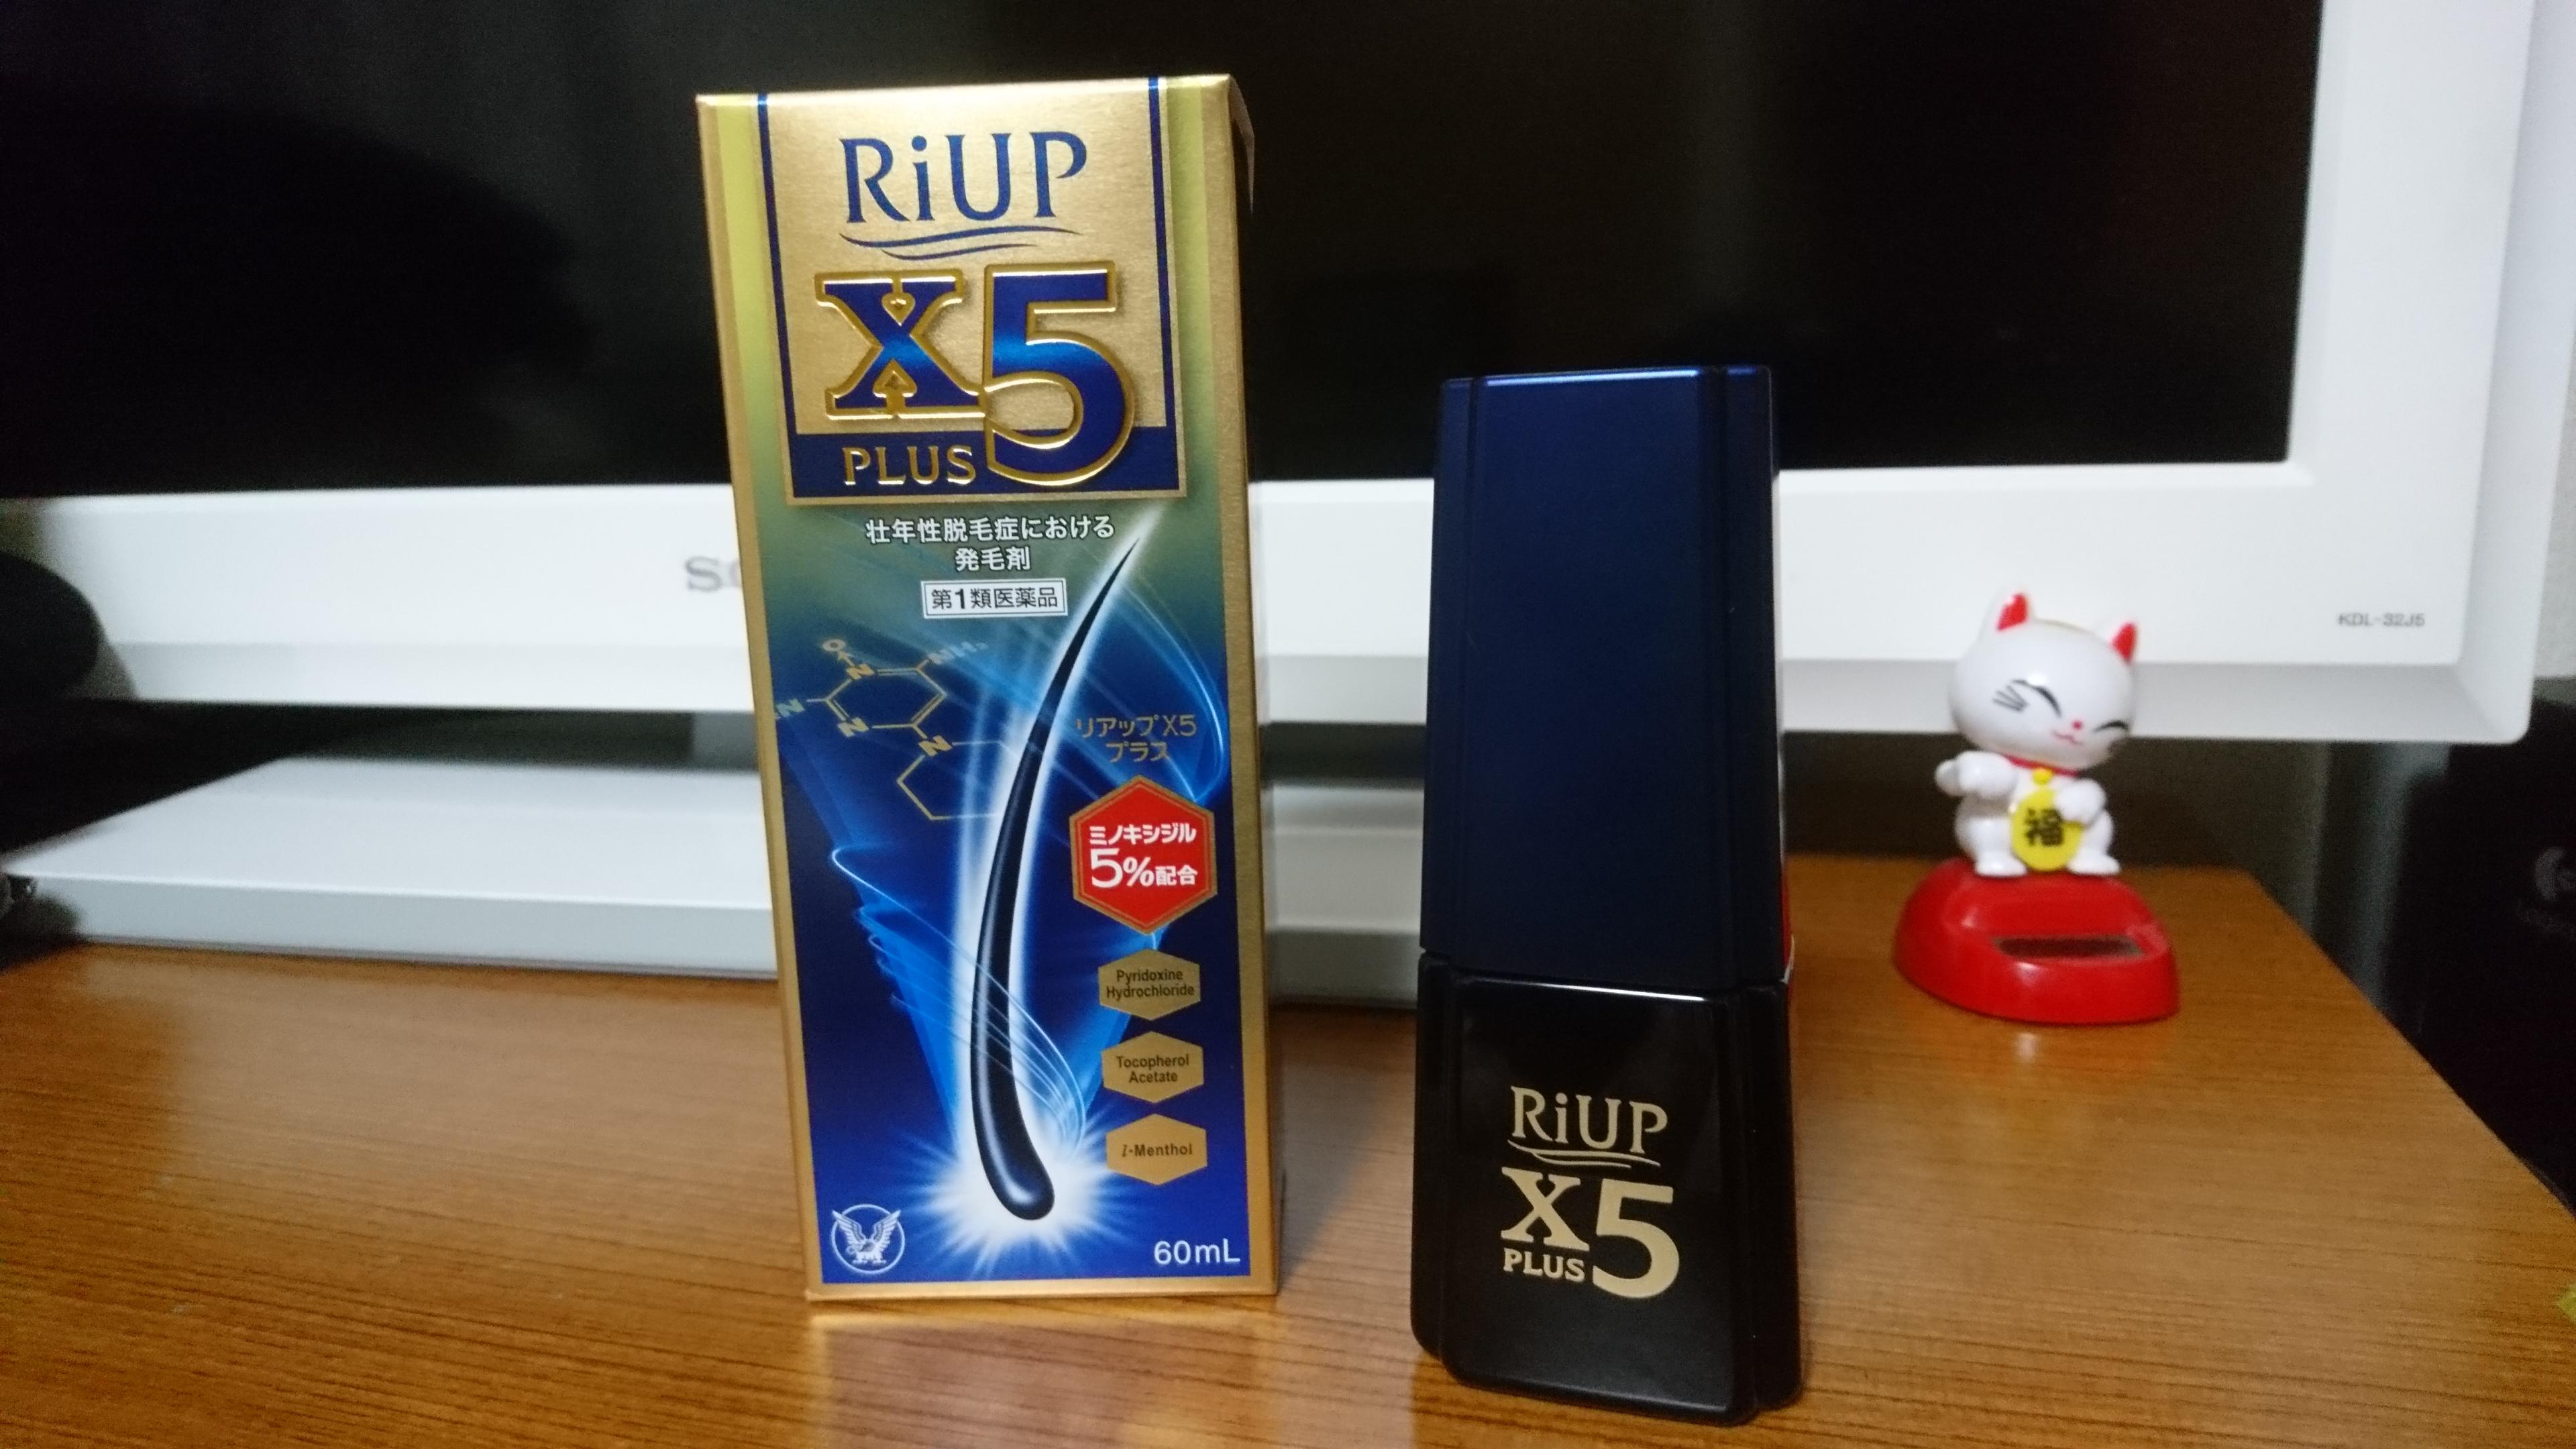 リアップのミノキシジル効果で発毛を狙う。 ネットでリアップX5プラスローションを購入